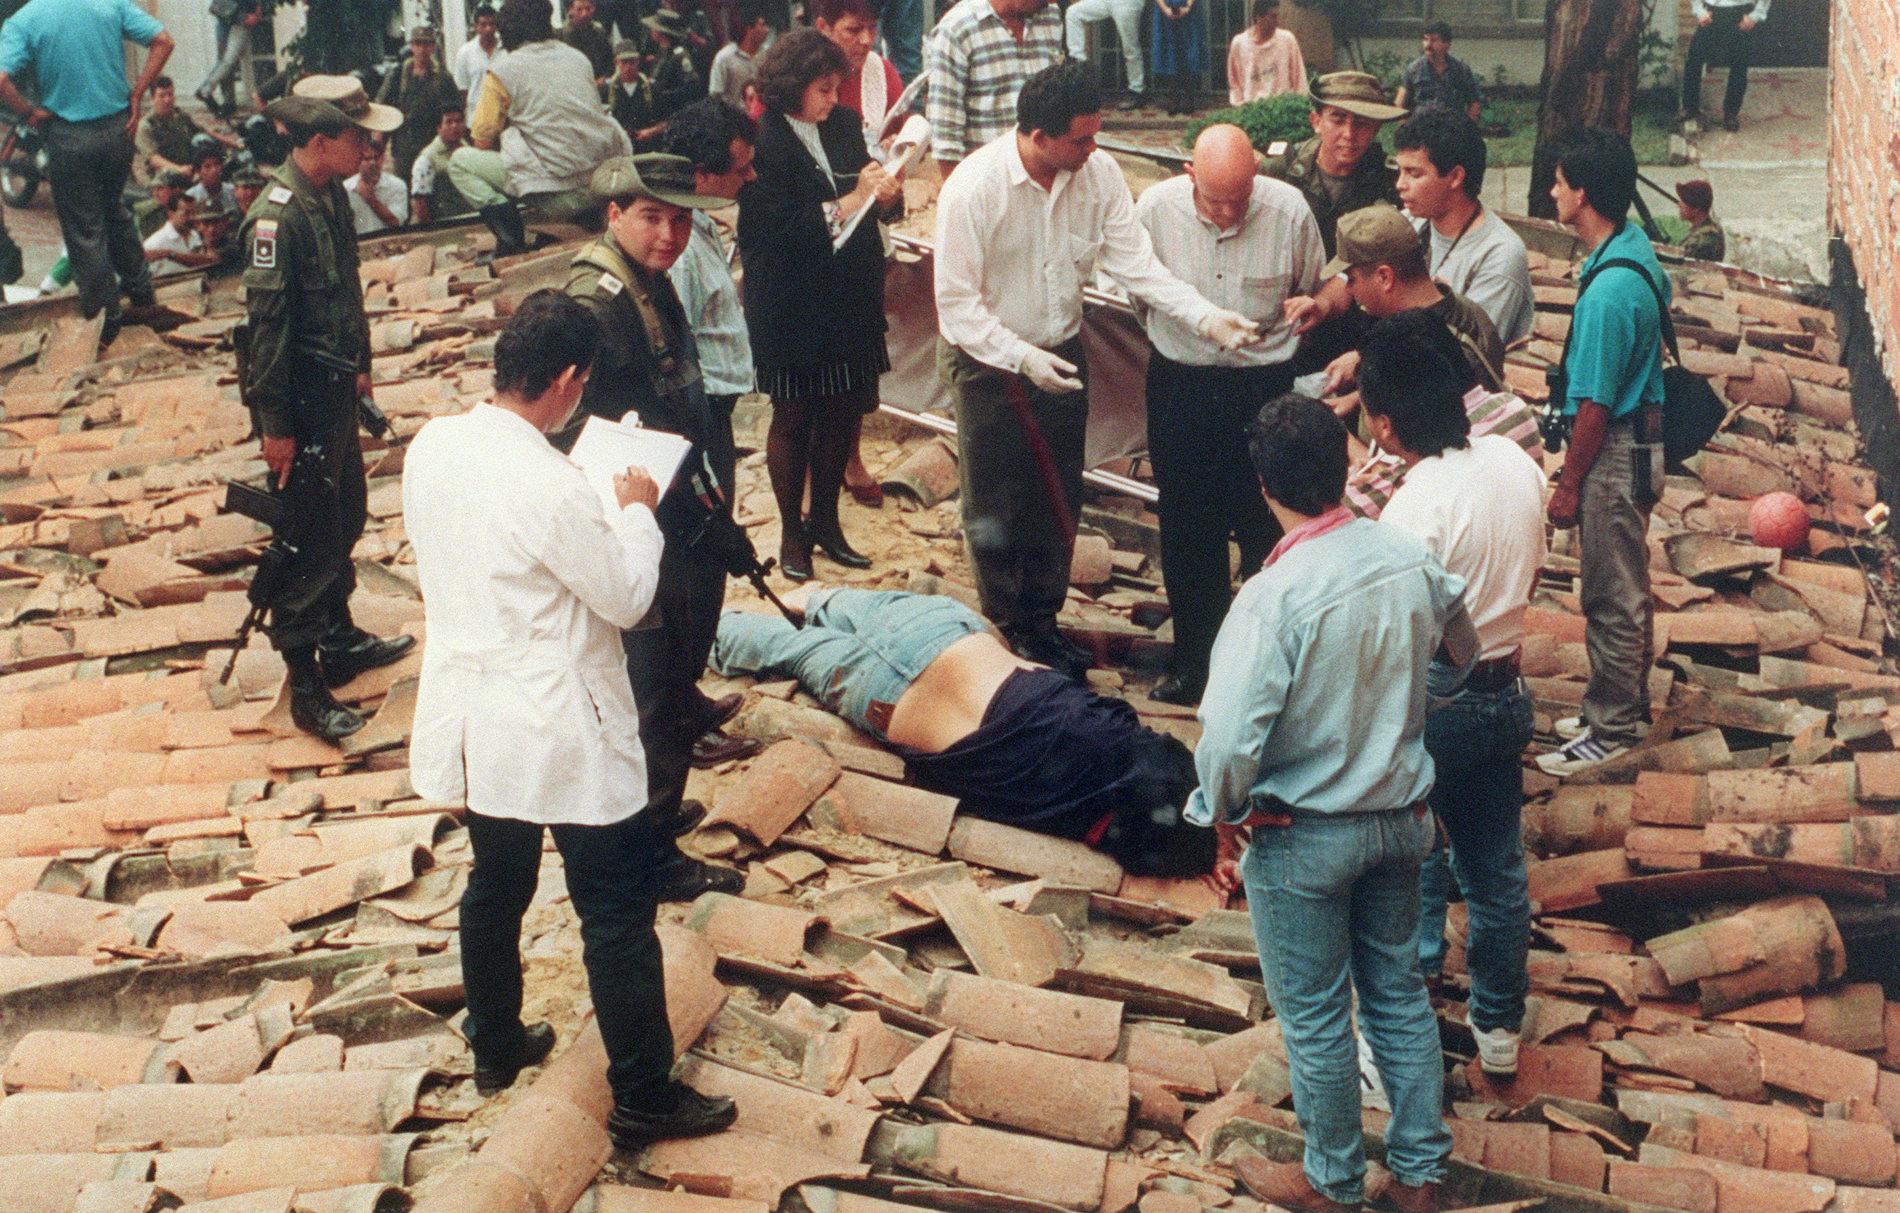 Masinile lui Pablo Escobar, cel mai bogat mafiot din toate timpurile - Masinile lui Pablo Escobar, cel mai bogat mafiot din toate timpurile